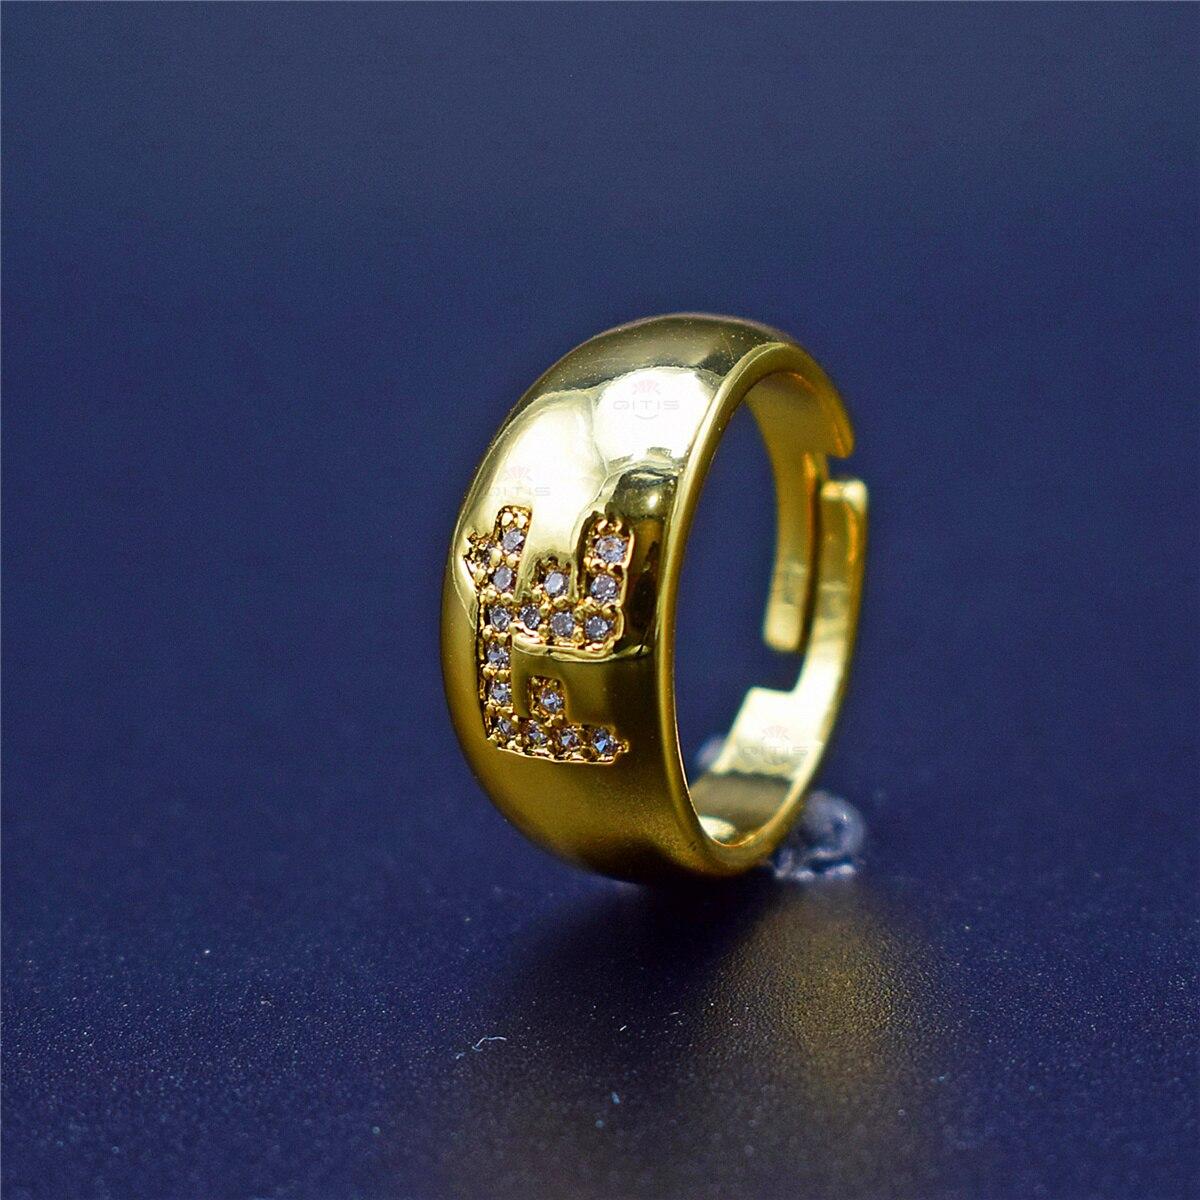 Popular Gold Faith FE Letter Shape Finger Rings for Women, White Clear CZ Zircon Jewelry Gift